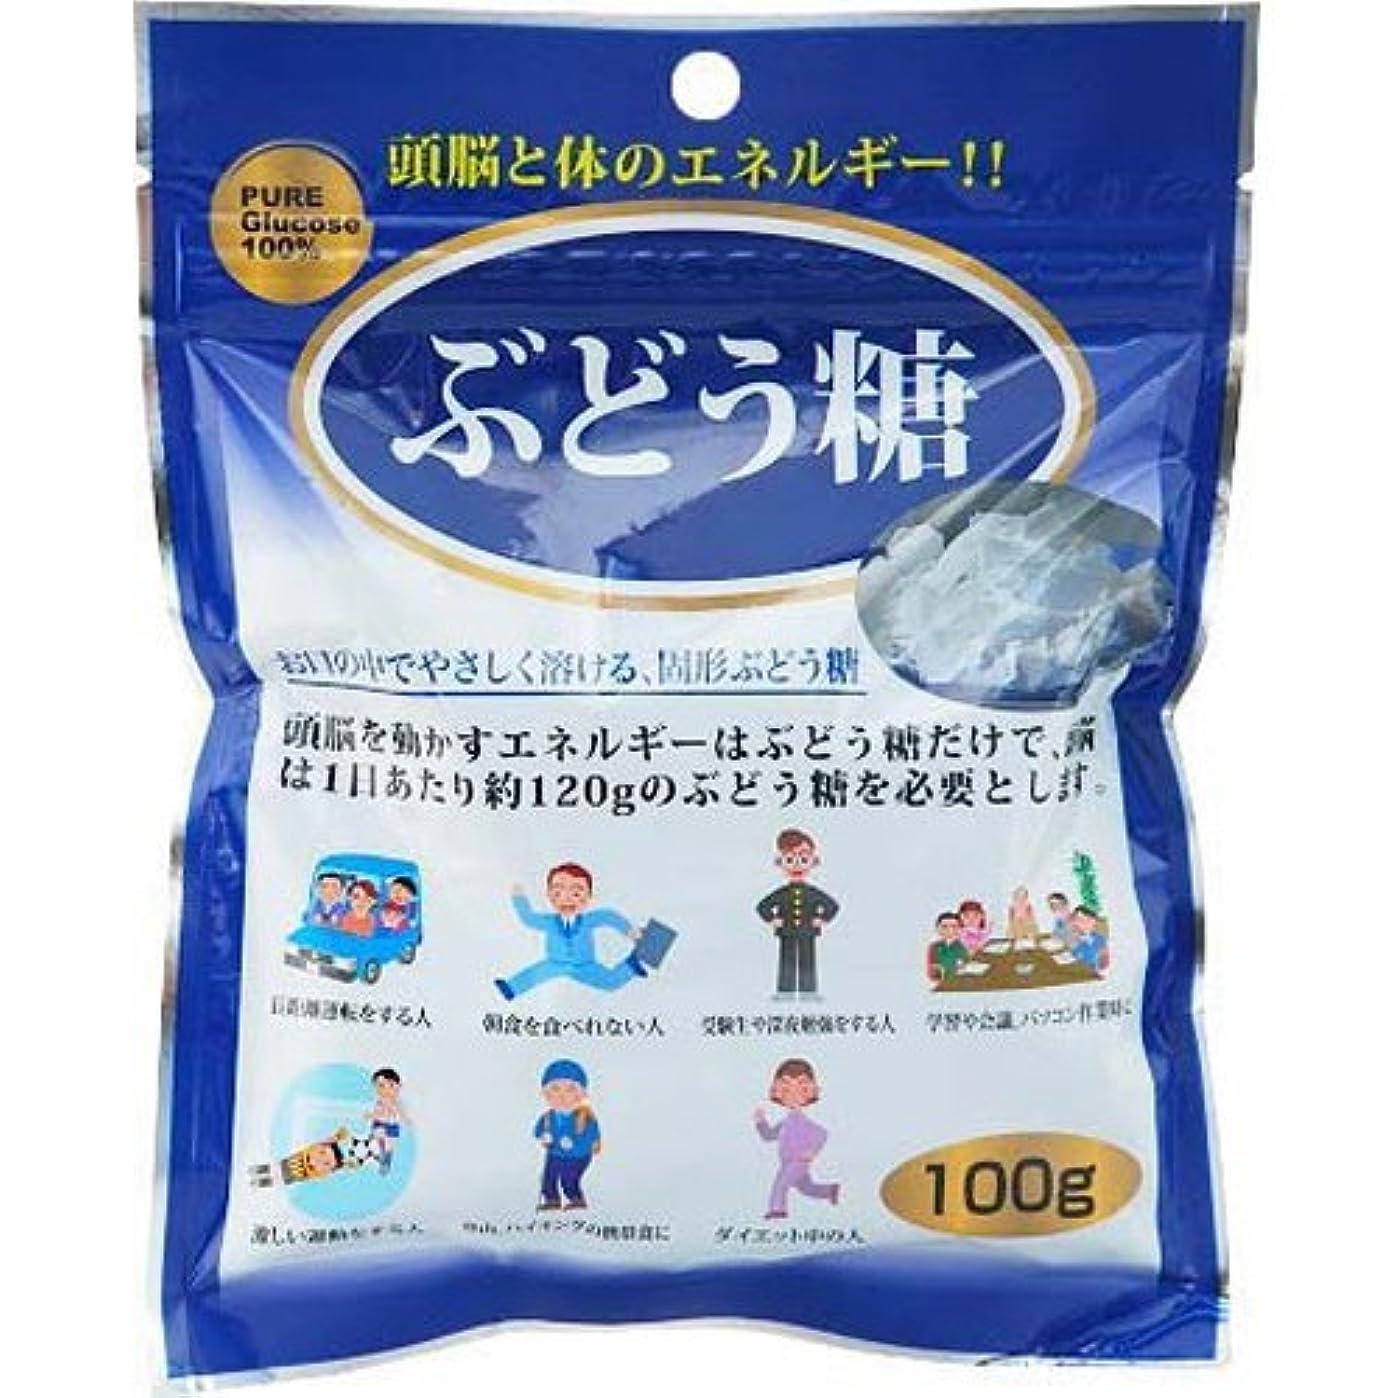 ビバ修理可能無限大マルミ ぶどう糖 100g